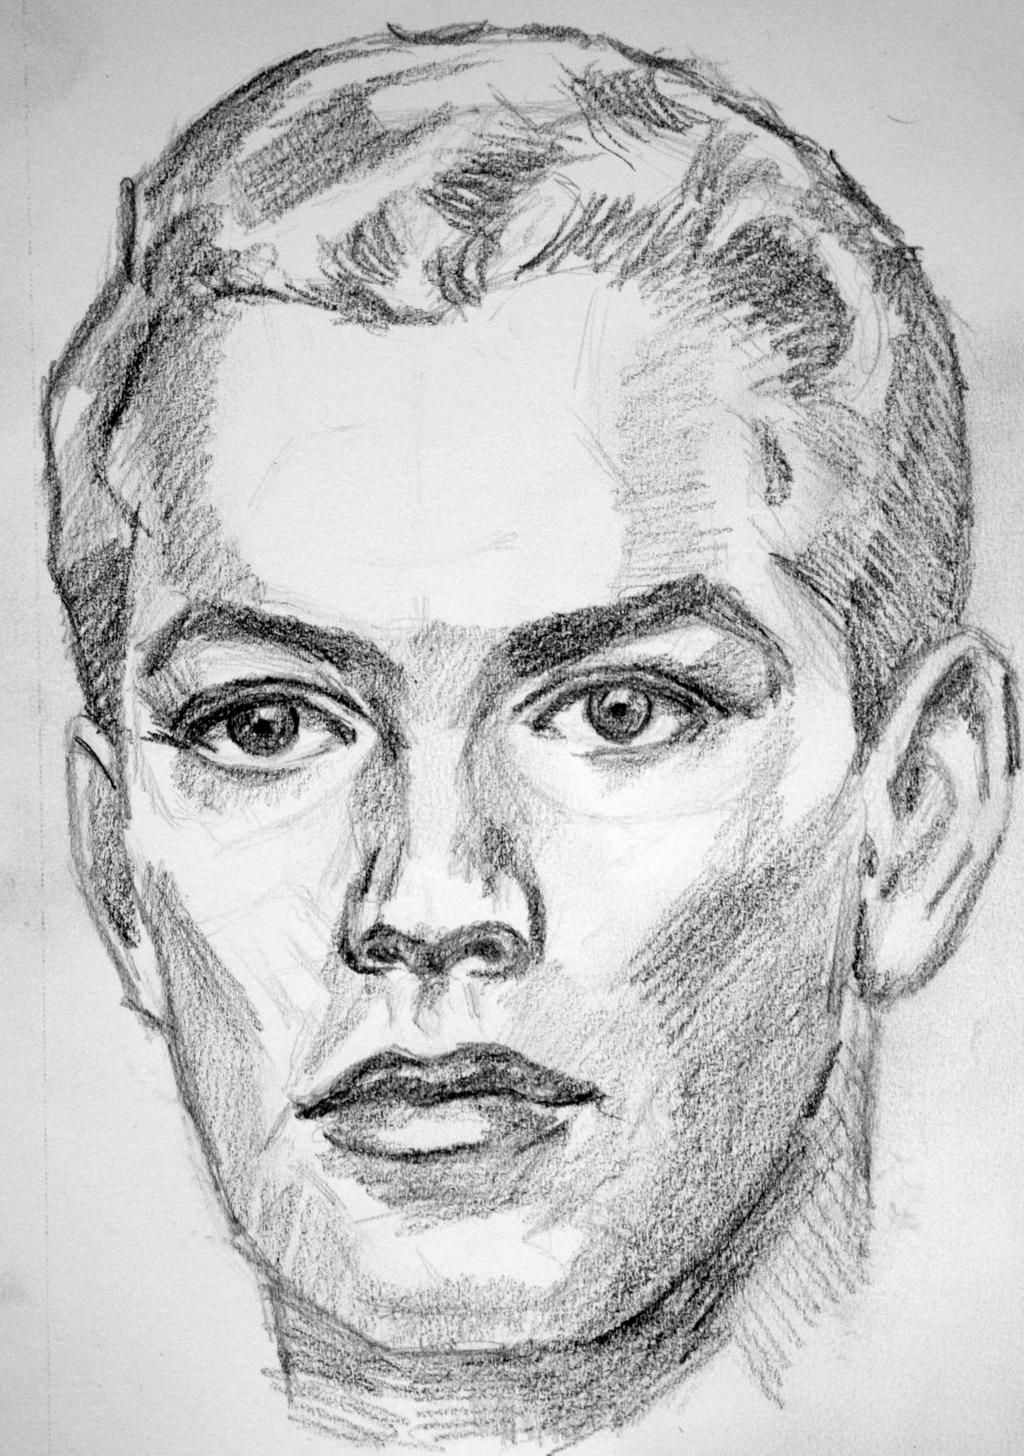 http://www.deviantart.com/art/Sketch-Male-Face-463811991 ...